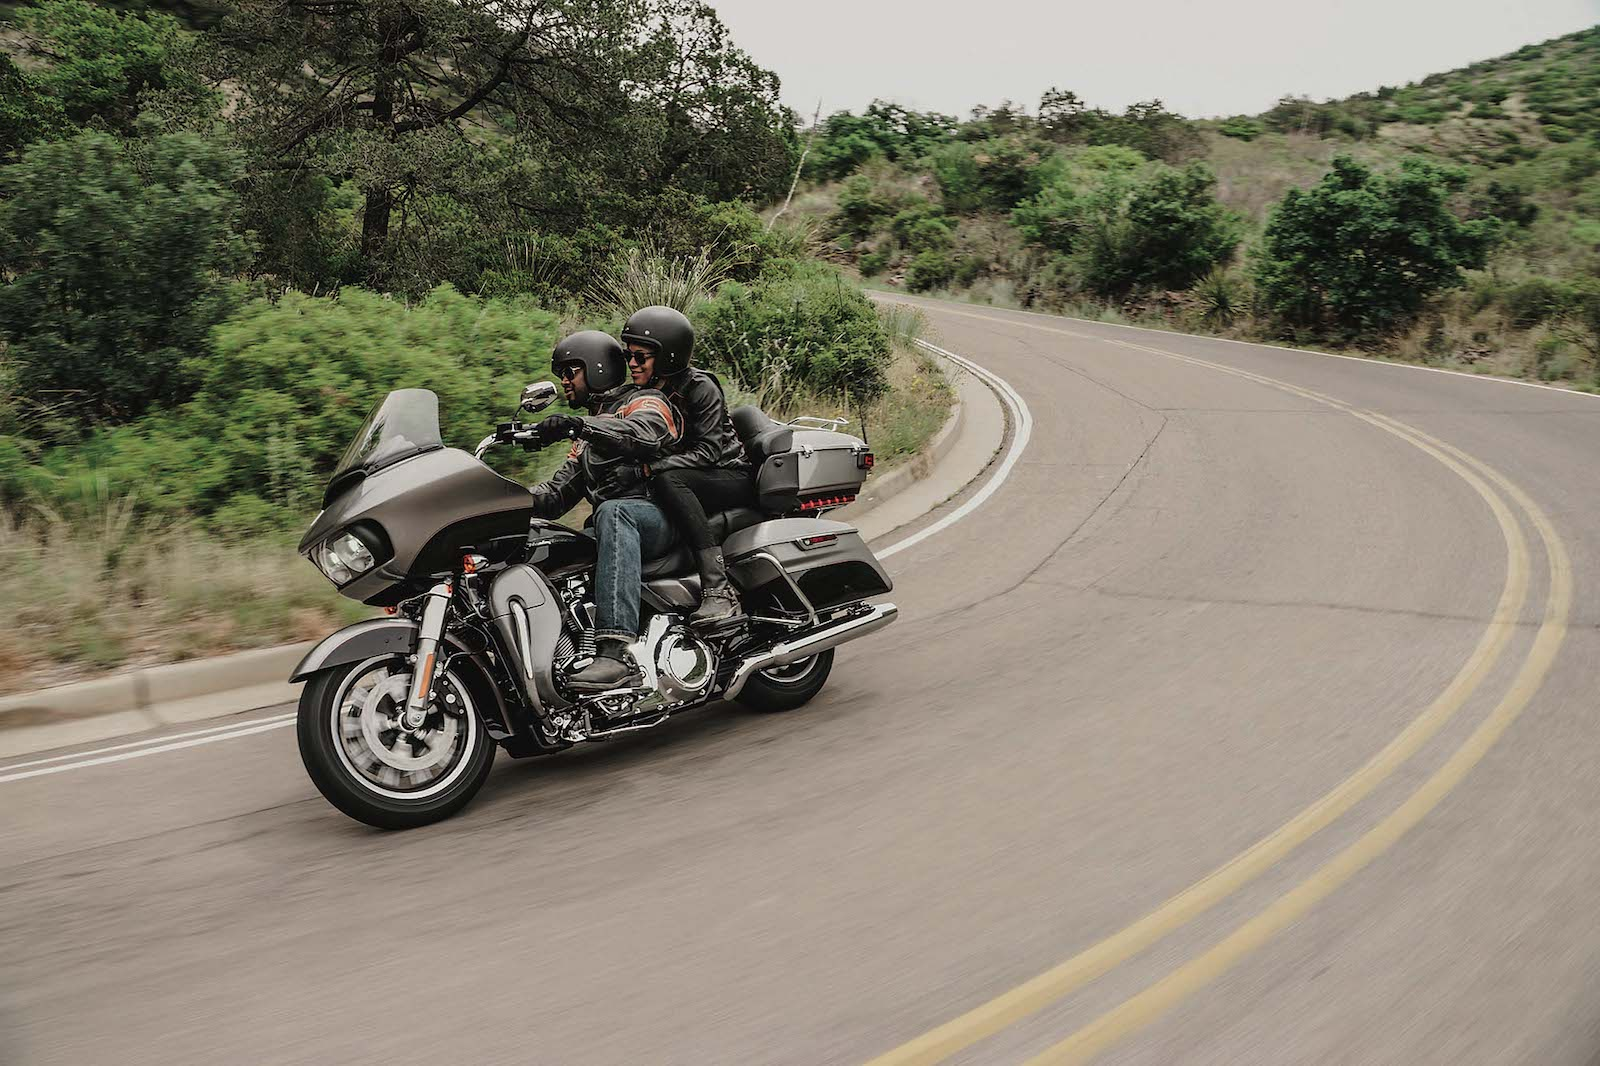 motorradmesse leipzig feiert mit guten zahlen twin. Black Bedroom Furniture Sets. Home Design Ideas